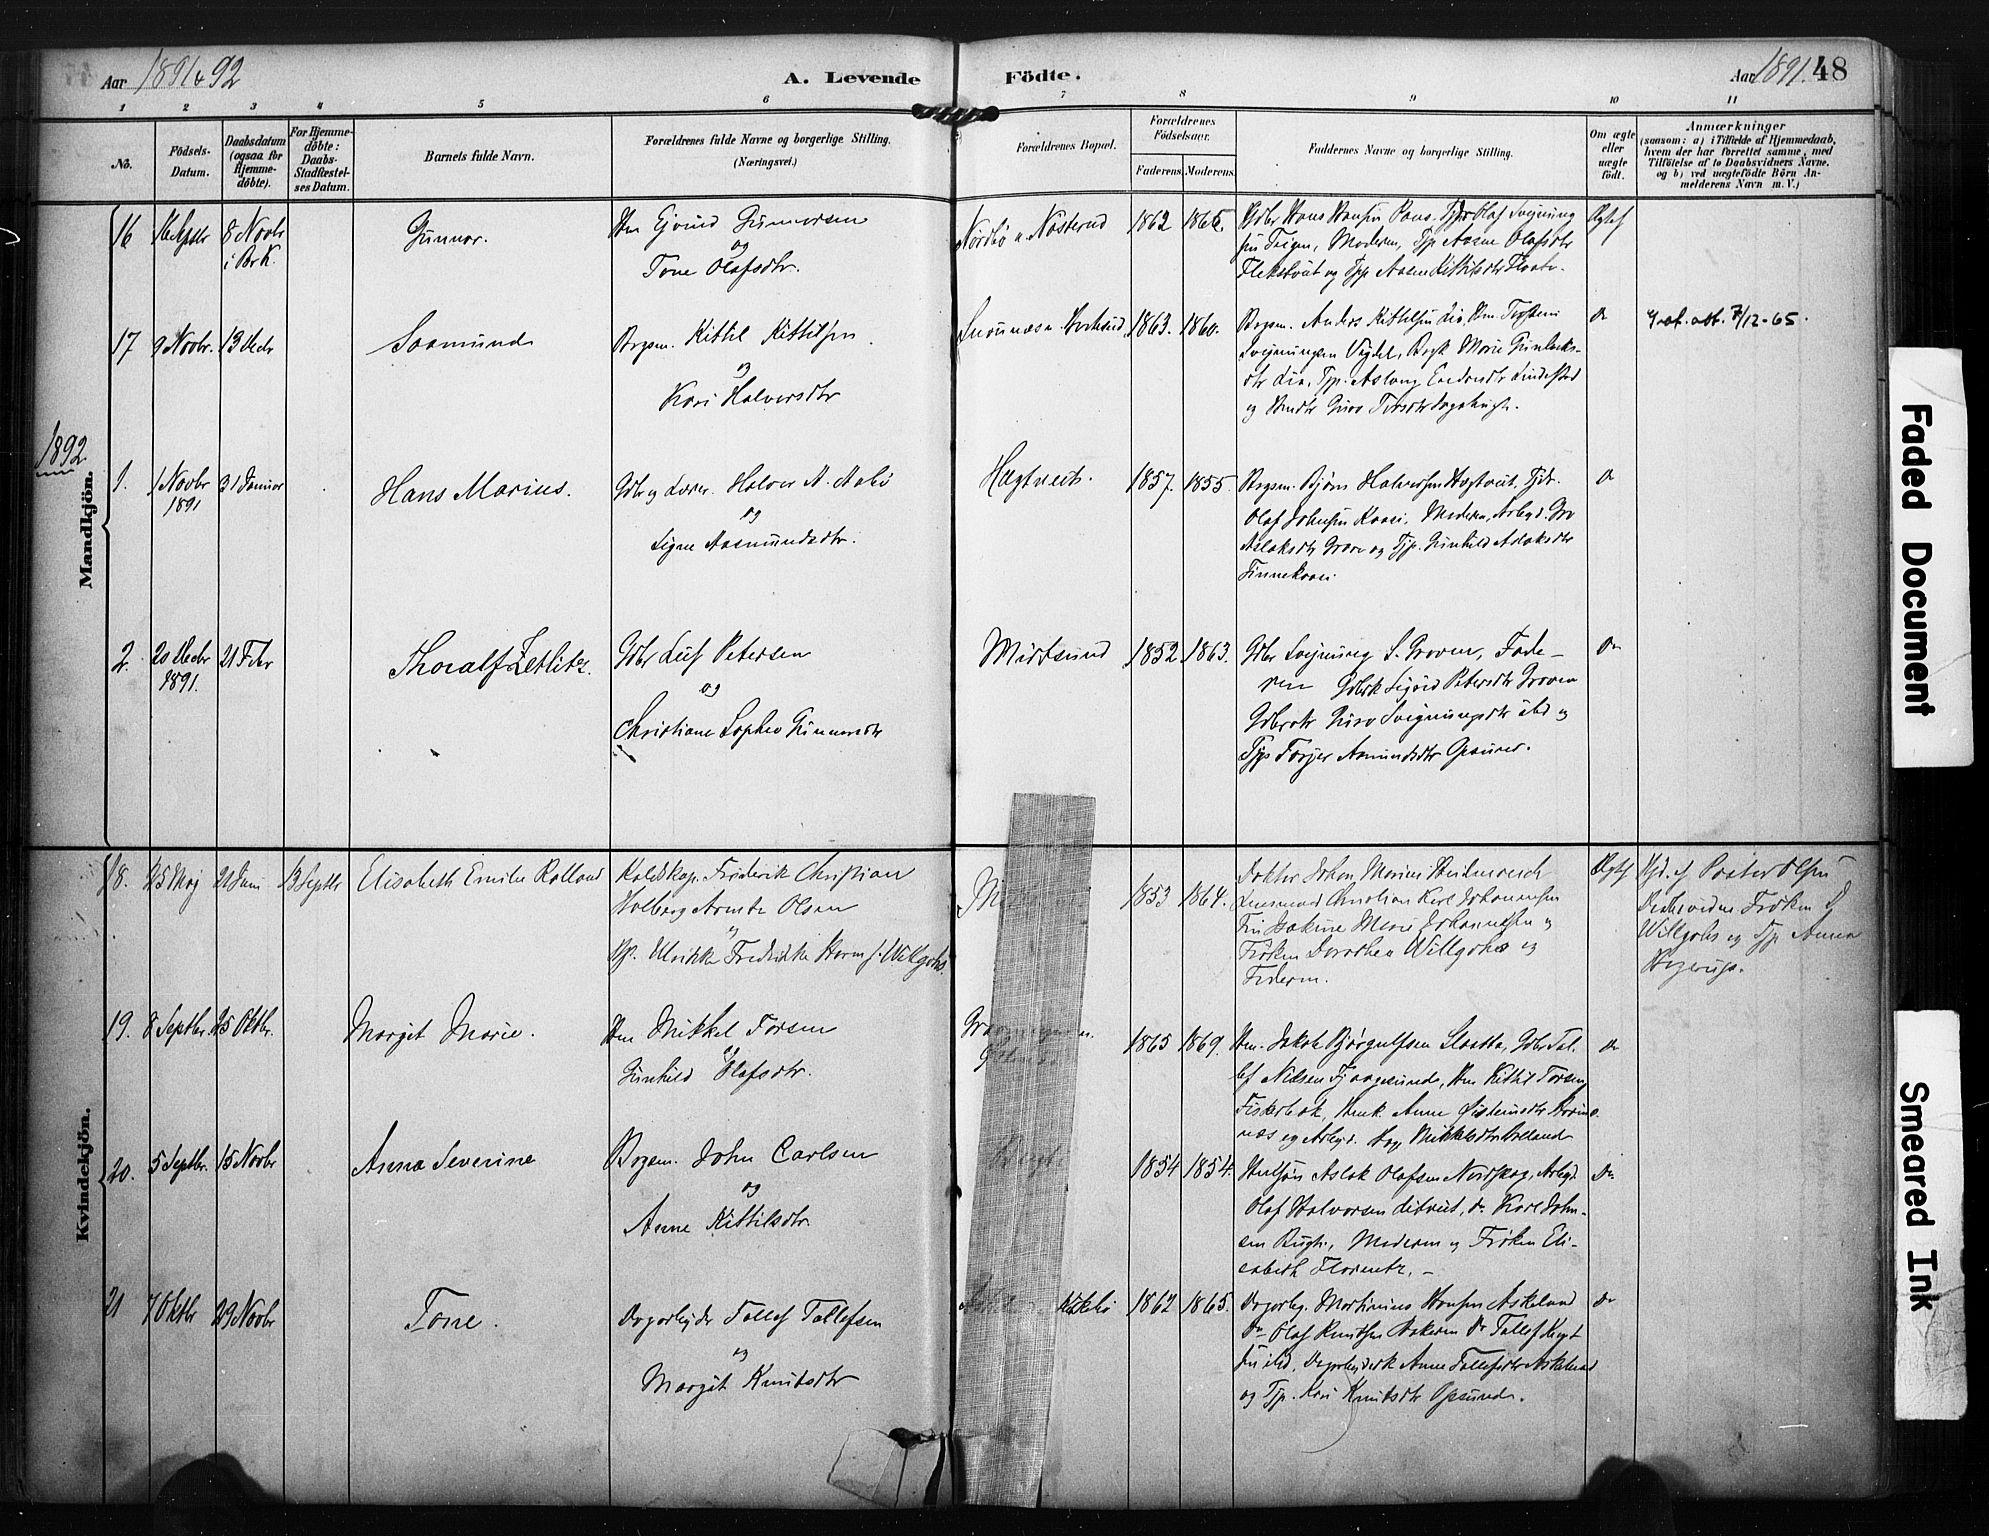 SAKO, Kviteseid kirkebøker, F/Fa/L0008: Ministerialbok nr. I 8, 1882-1903, s. 48